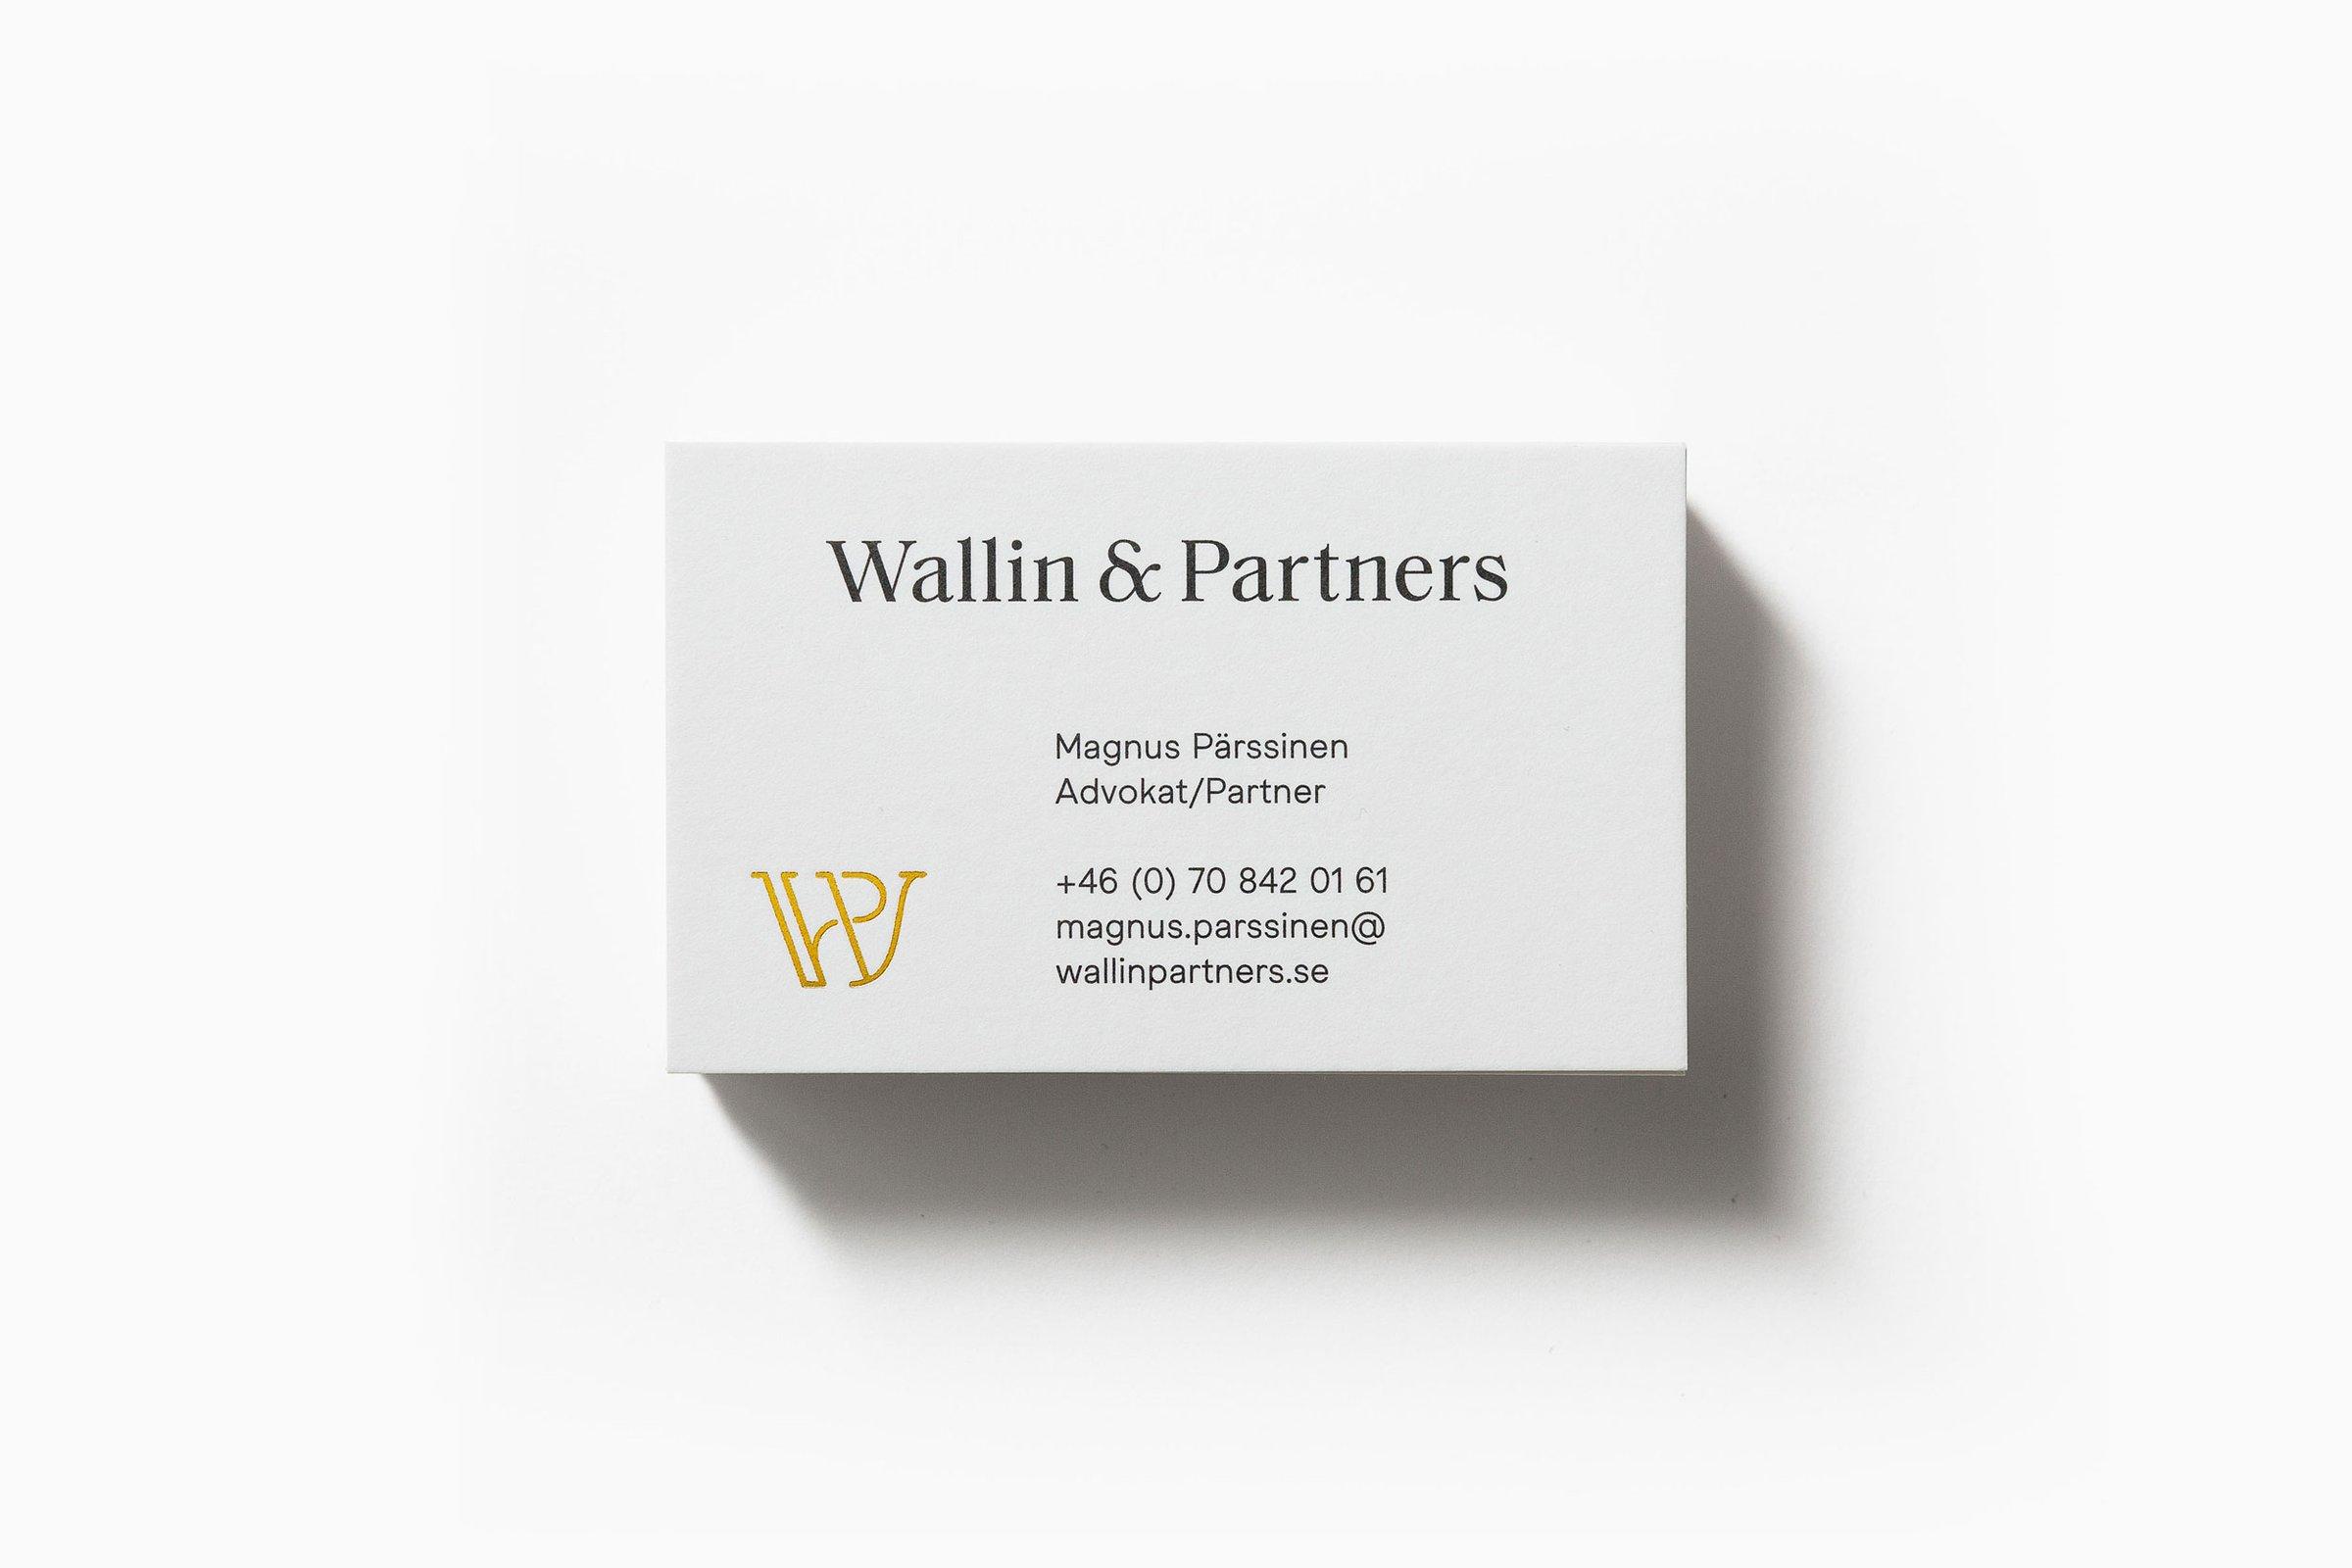 Wallin & Partners